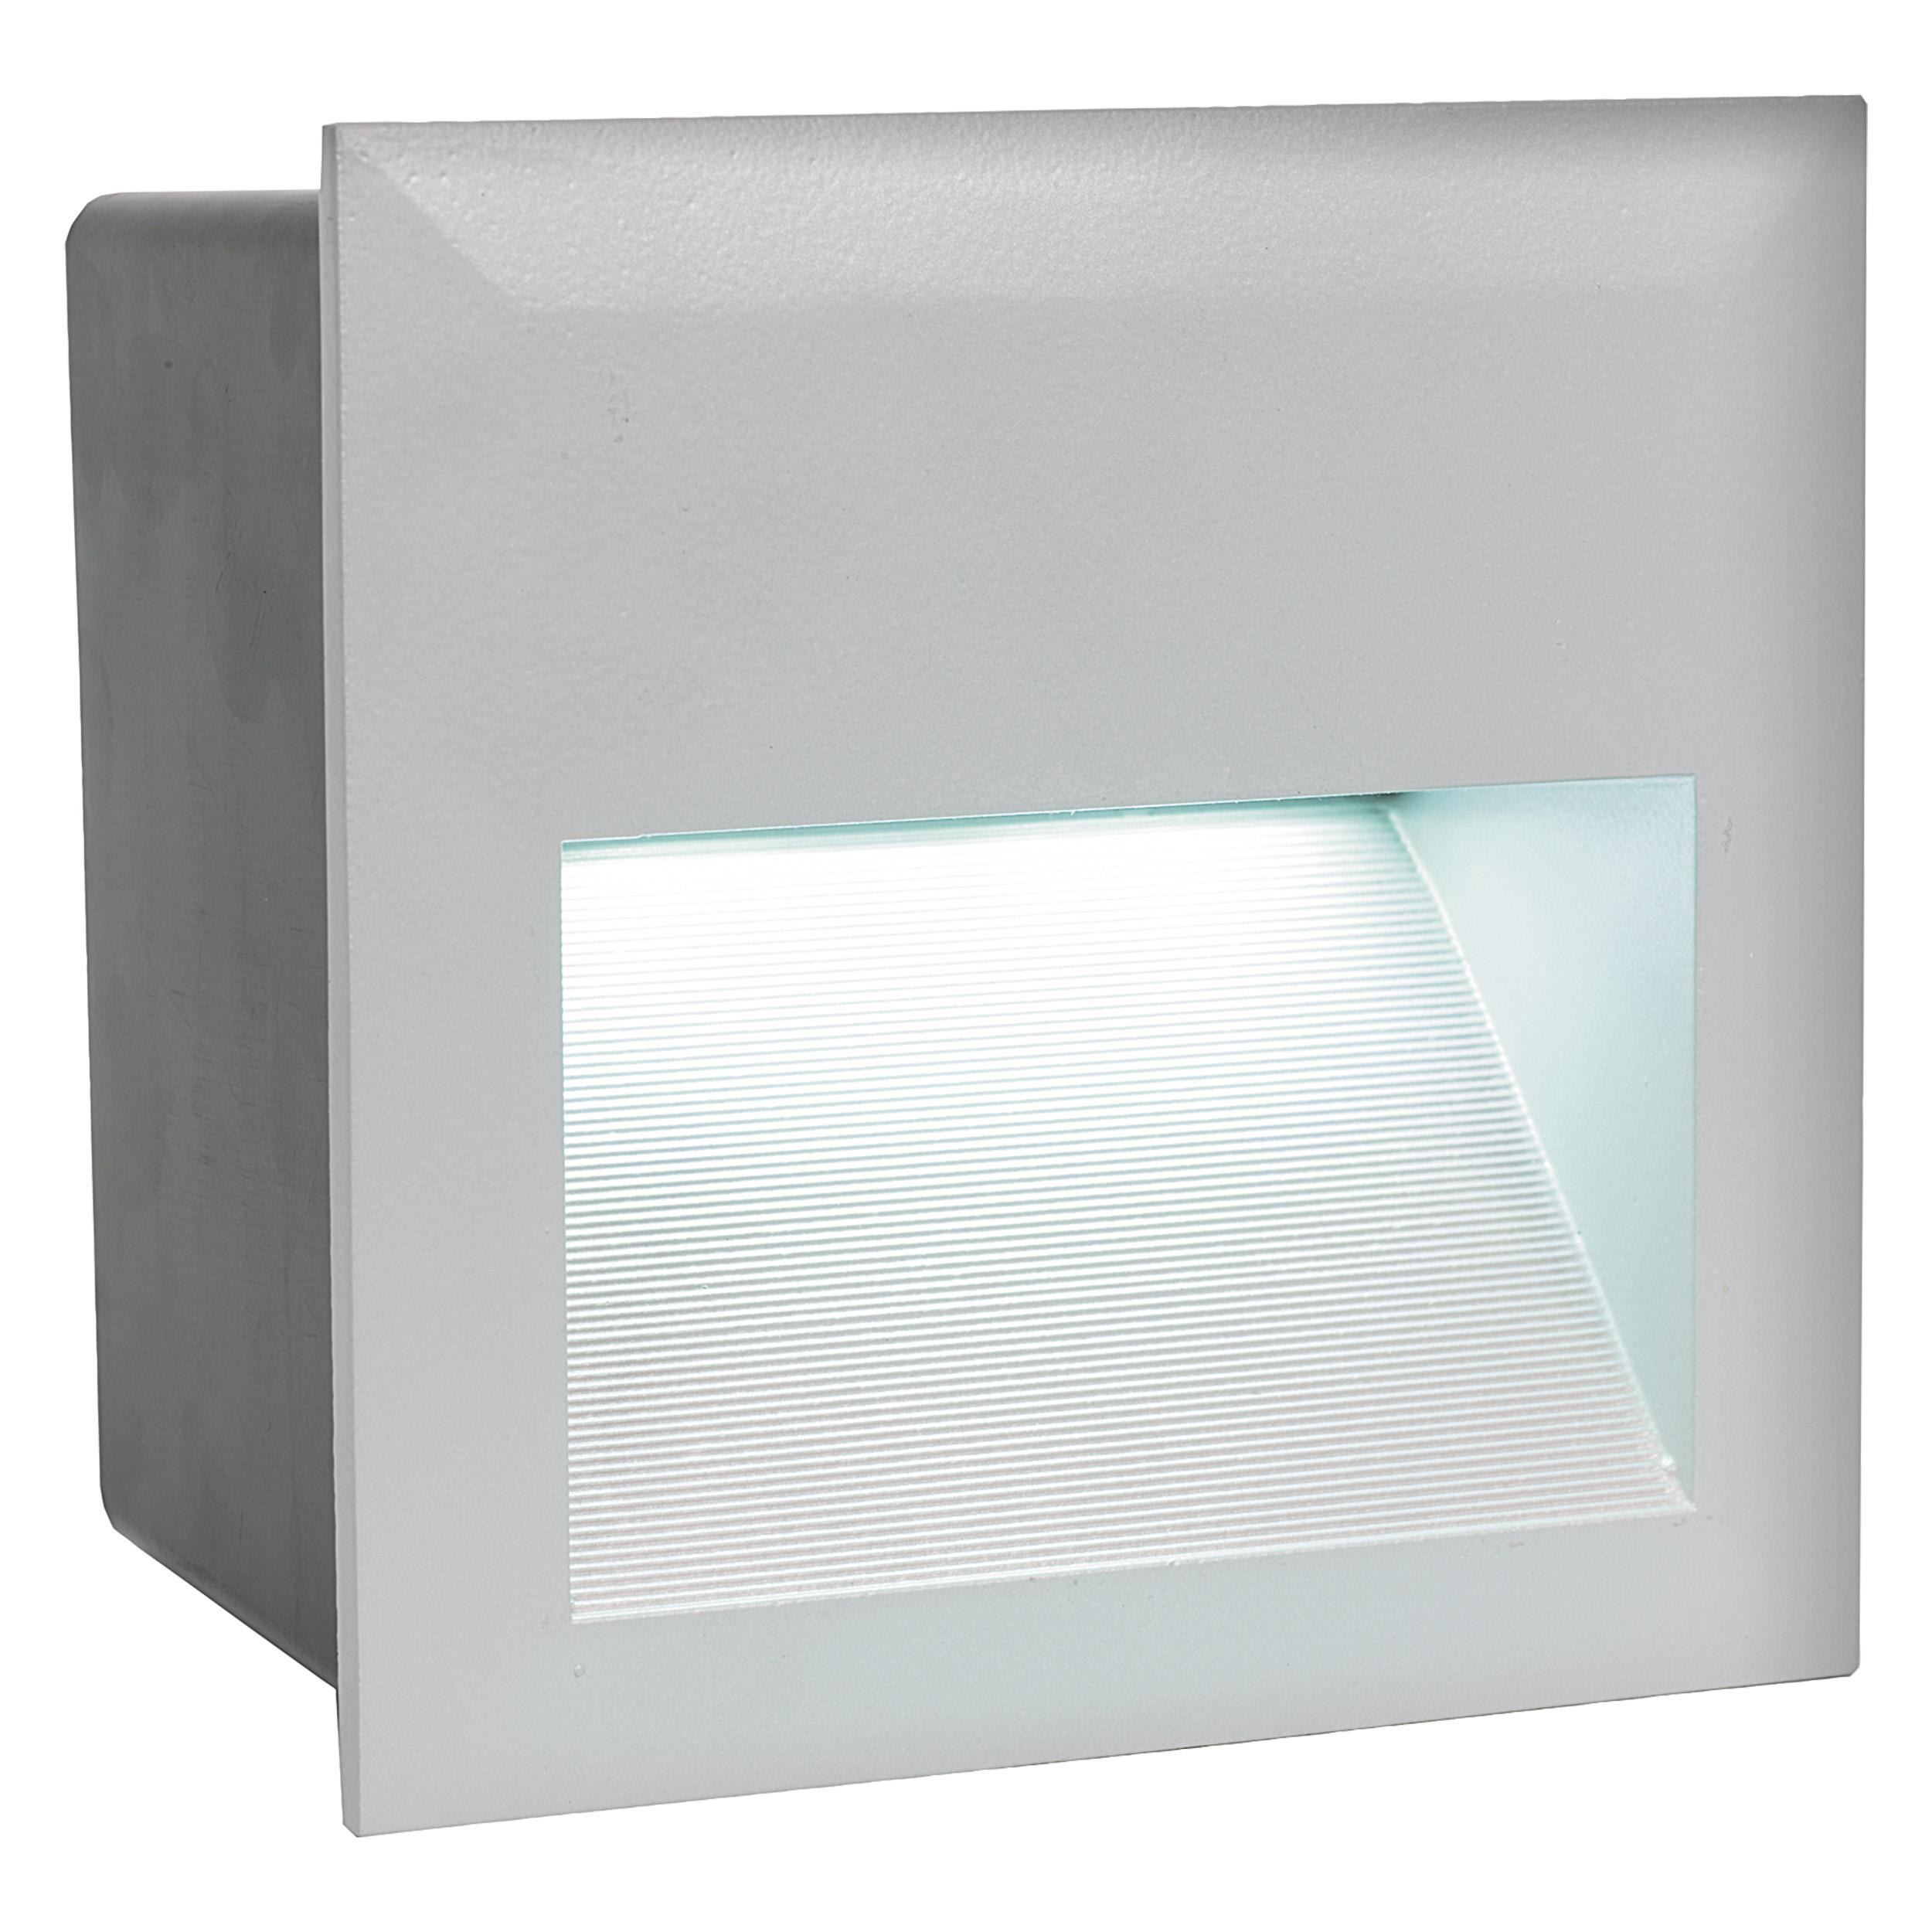 1 Stk Wandeinbauleuchte Zimba-LED 3,7W 4000K silber IP65 LI61766---